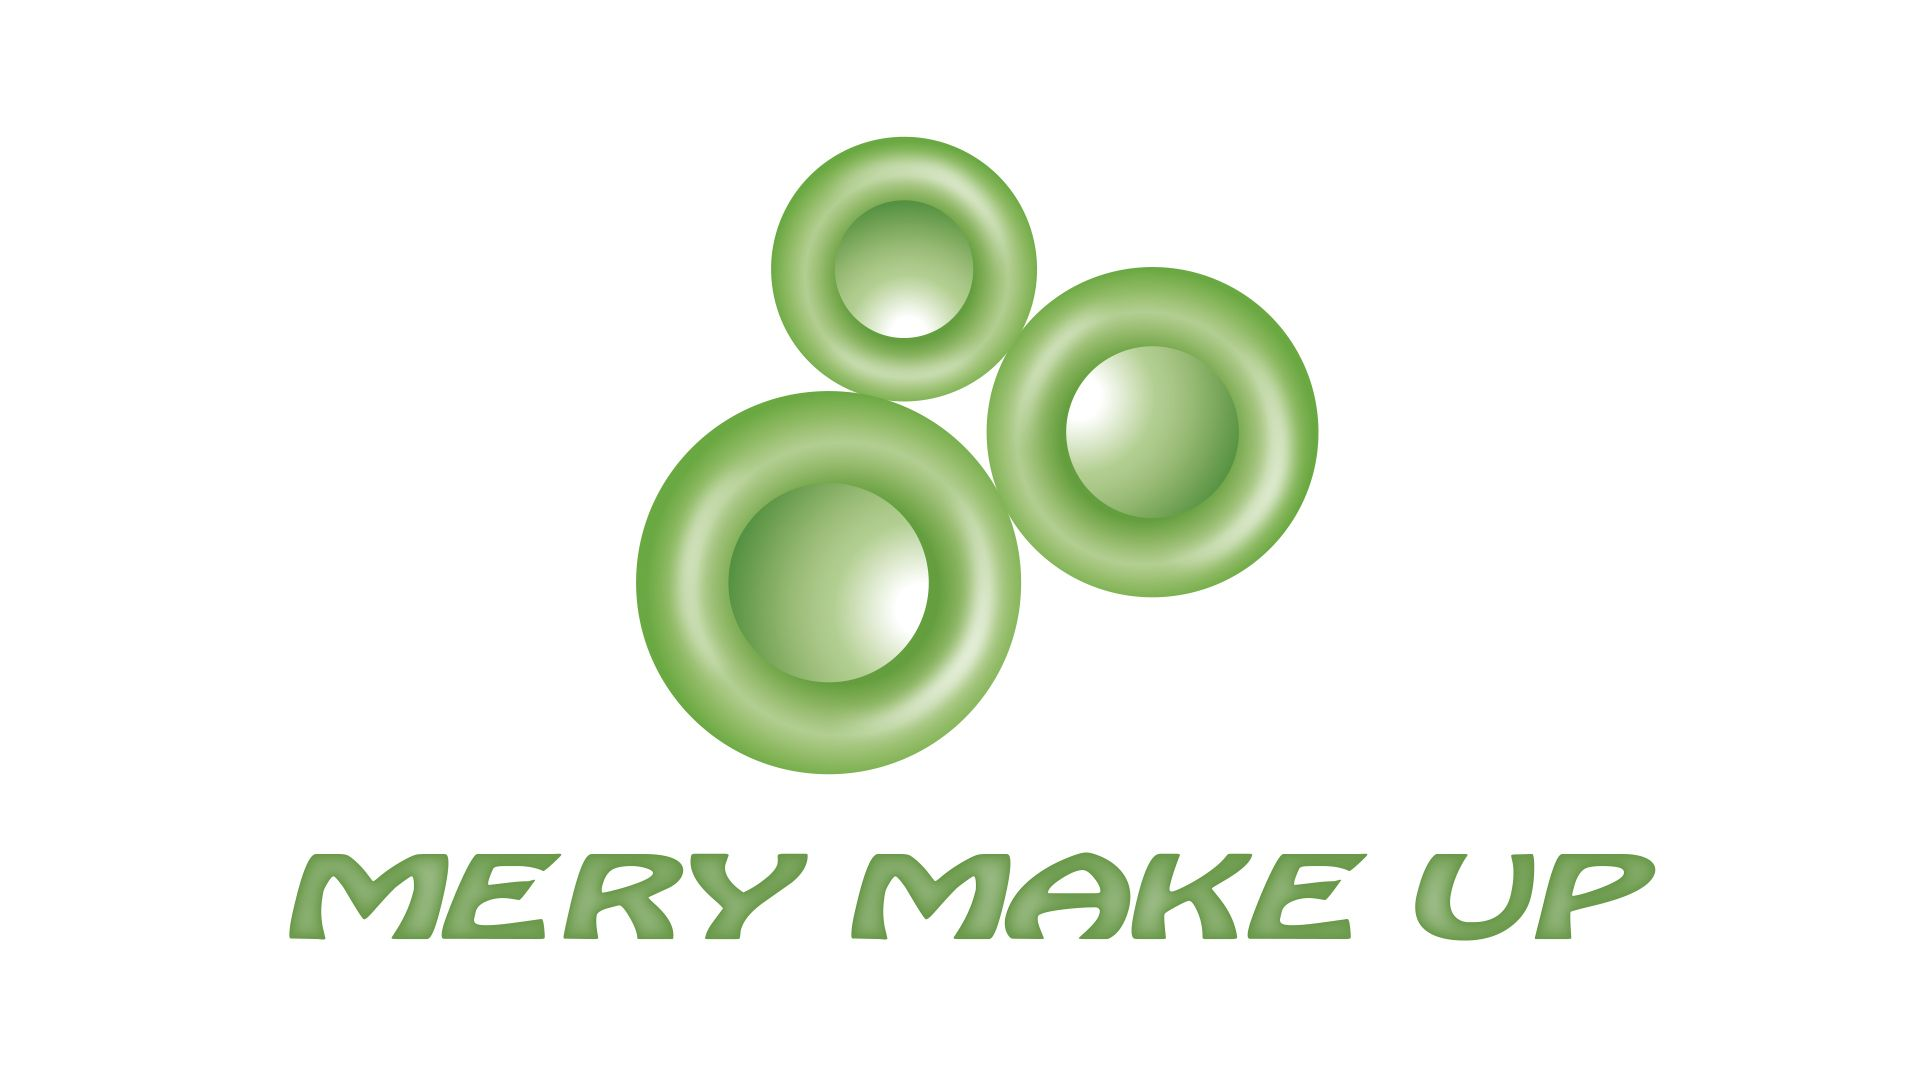 Logo_MeryMakeUp_FondoBlanco